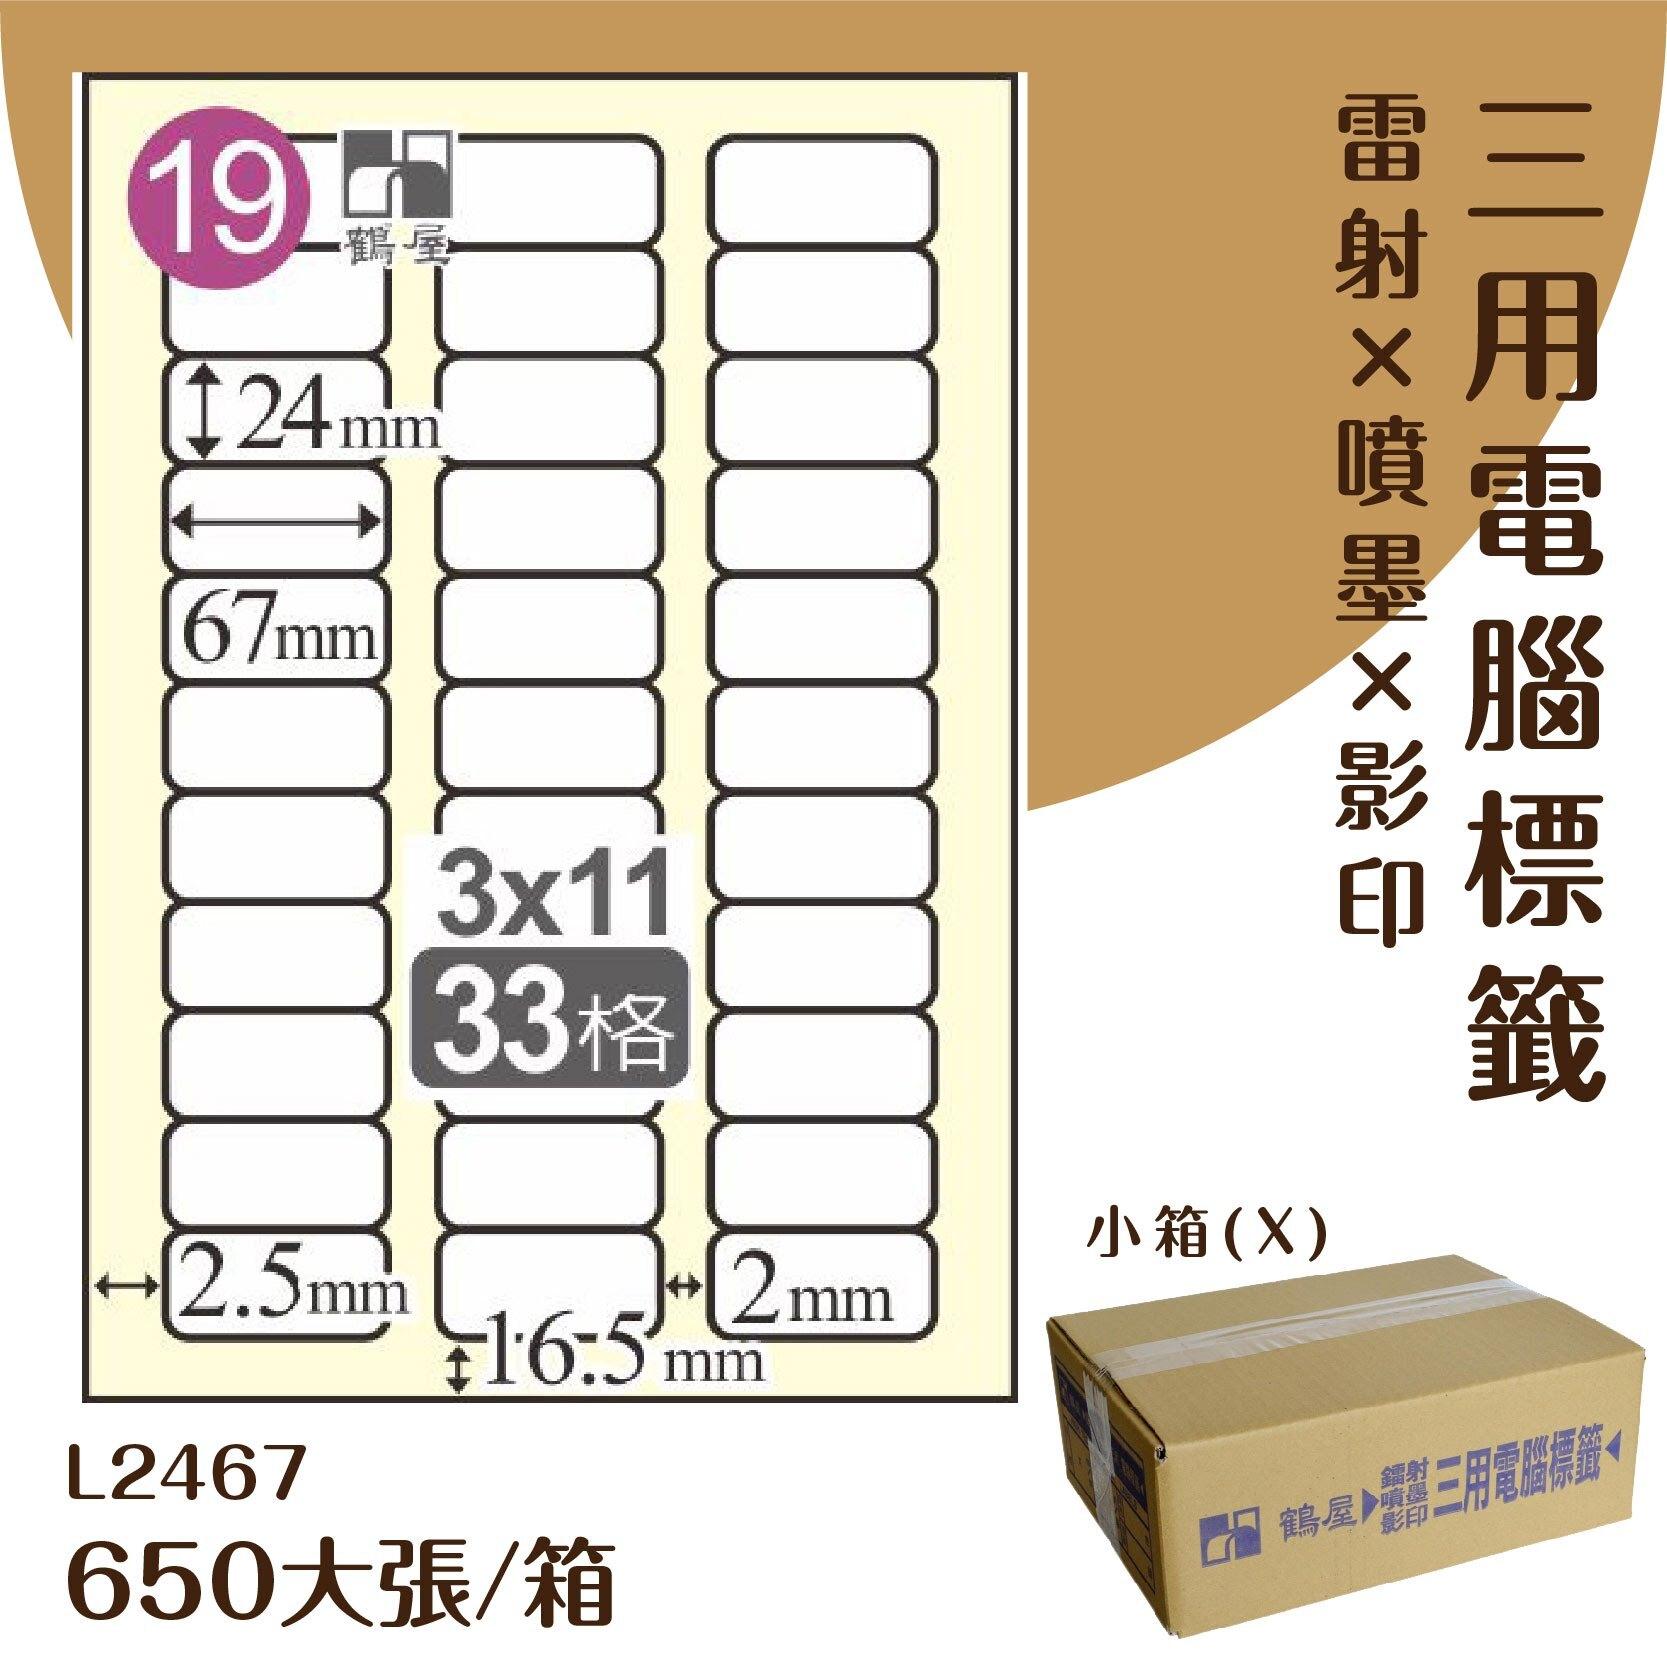 【優質好物】鶴屋 電腦標籤紙-白色 L2467 33格 650大張/小箱 (自黏貼紙/三用標籤/影印&雷射&噴墨)